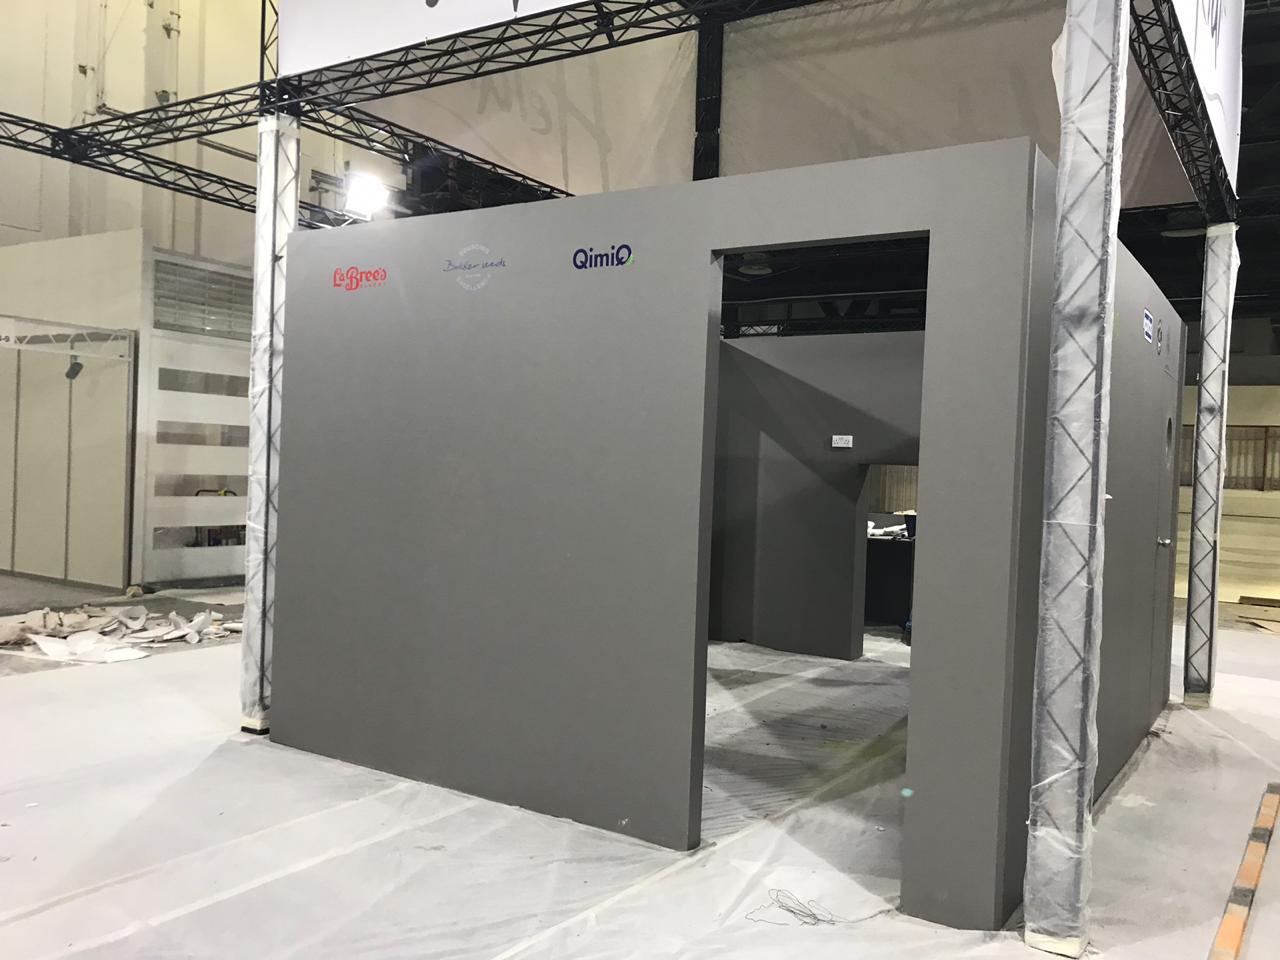 IMG-20191028-WA0003